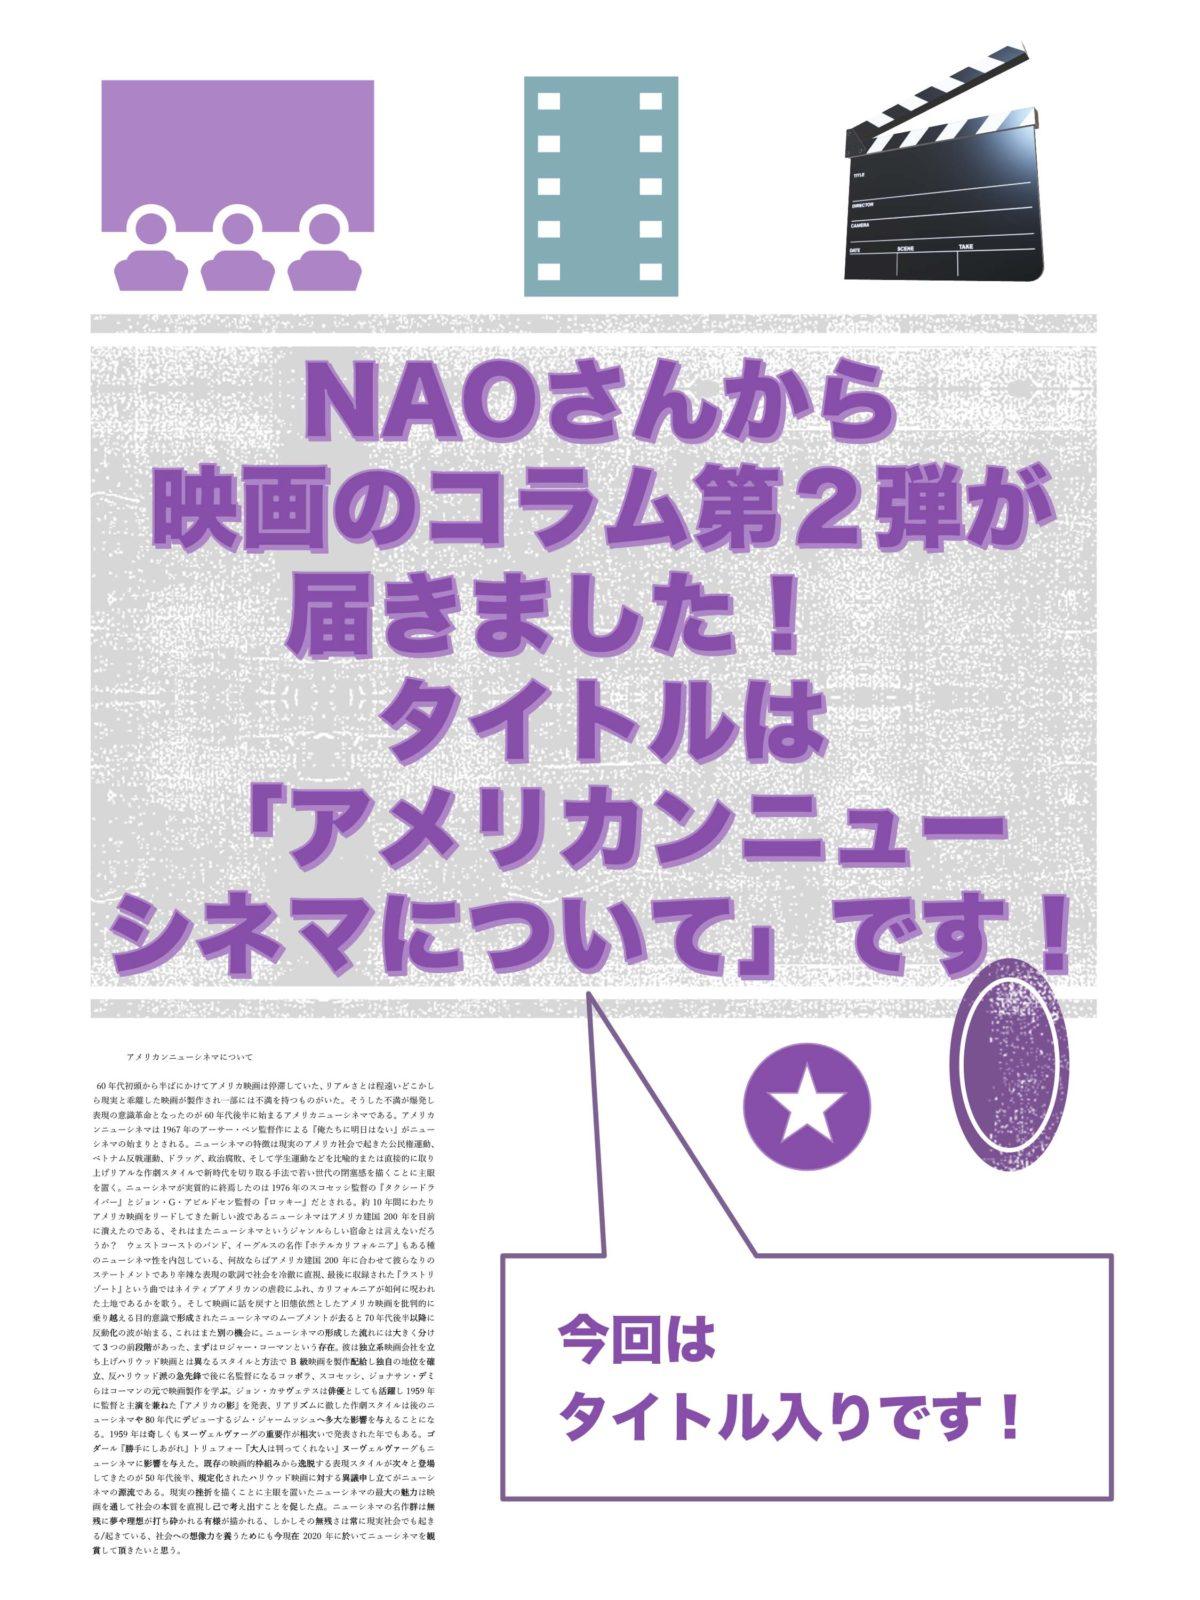 タイトルは「アメリカンニューシネマについて」です! naoさんから映画のコラムが届きました!